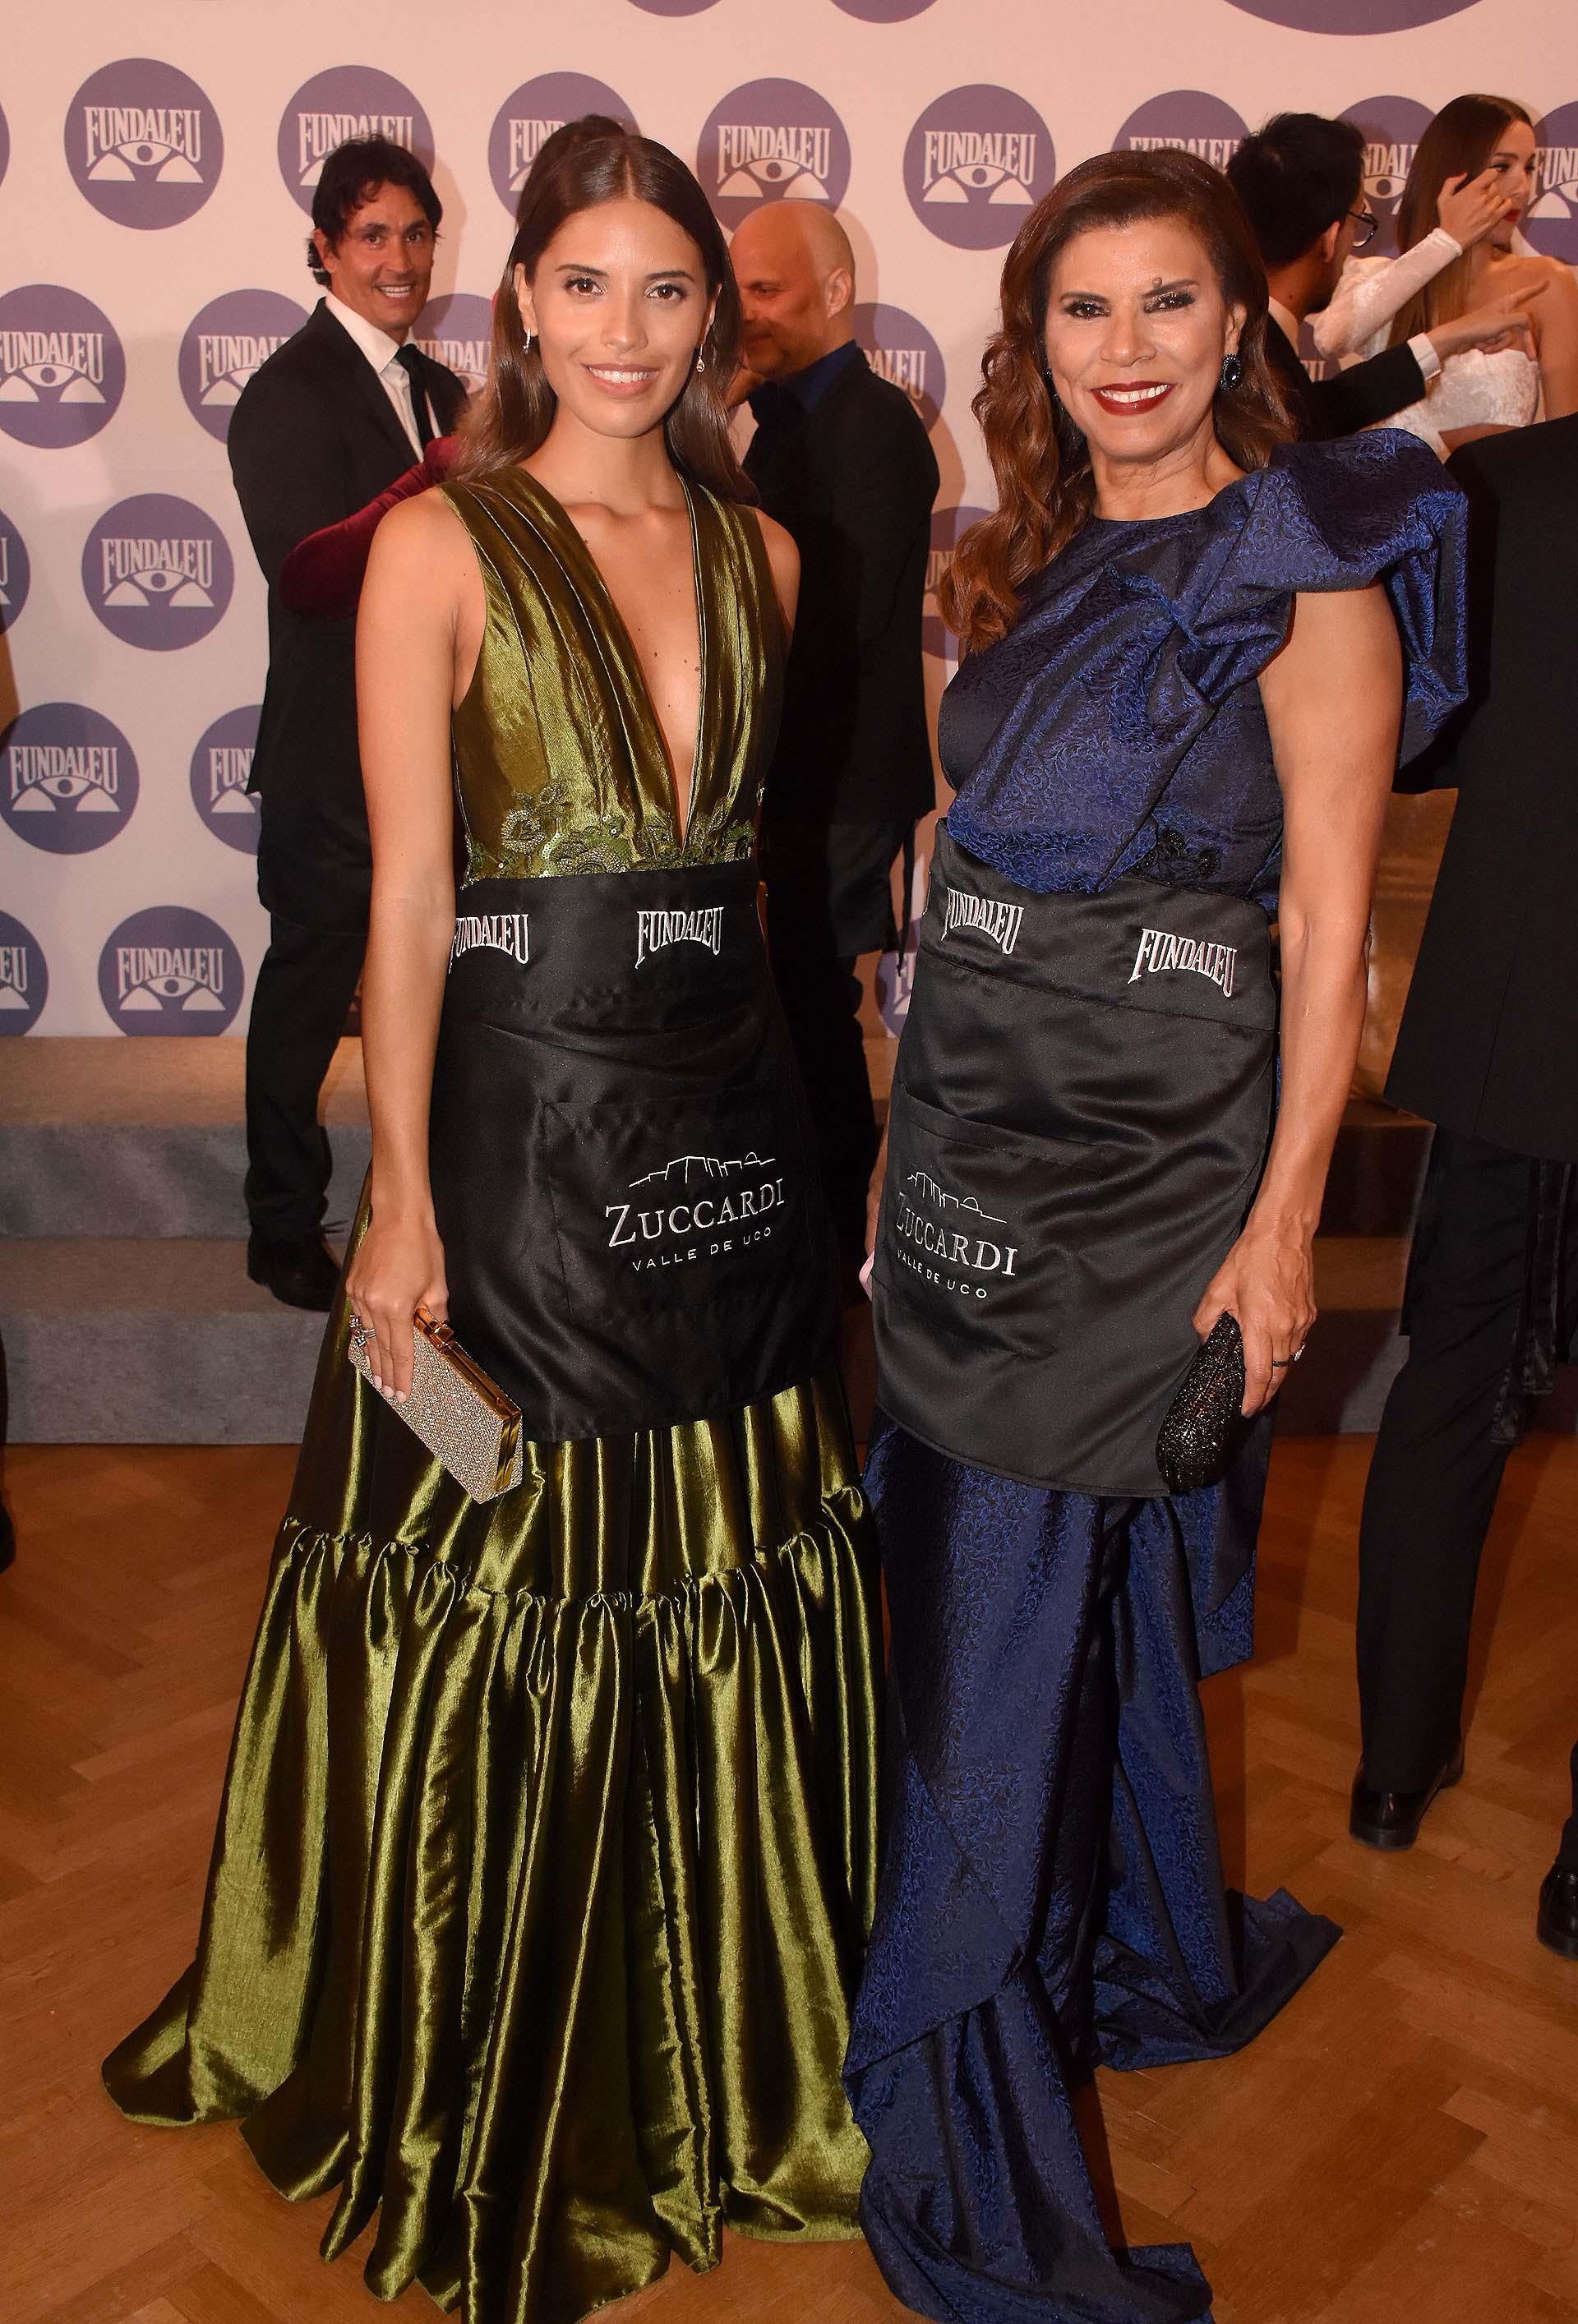 Hija y madre: las modelos Taina Laurino Ferreira y Anamá Ferreira